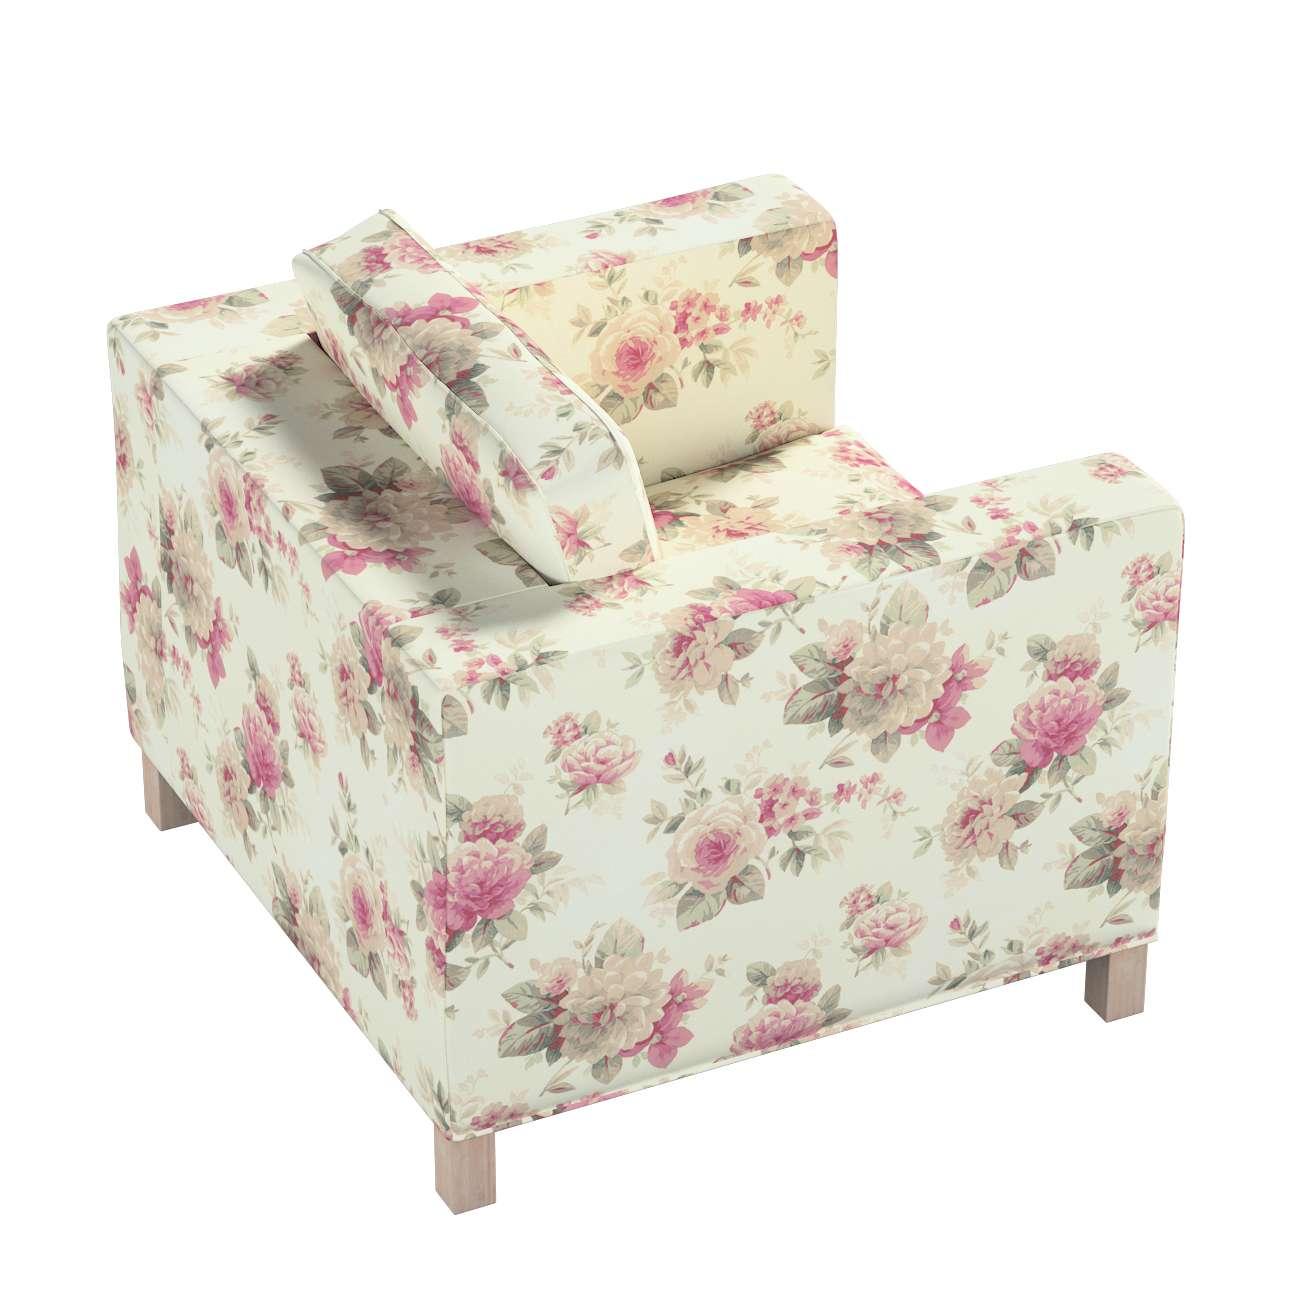 Pokrowiec na fotel Karlanda, krótki w kolekcji Londres, tkanina: 141-07